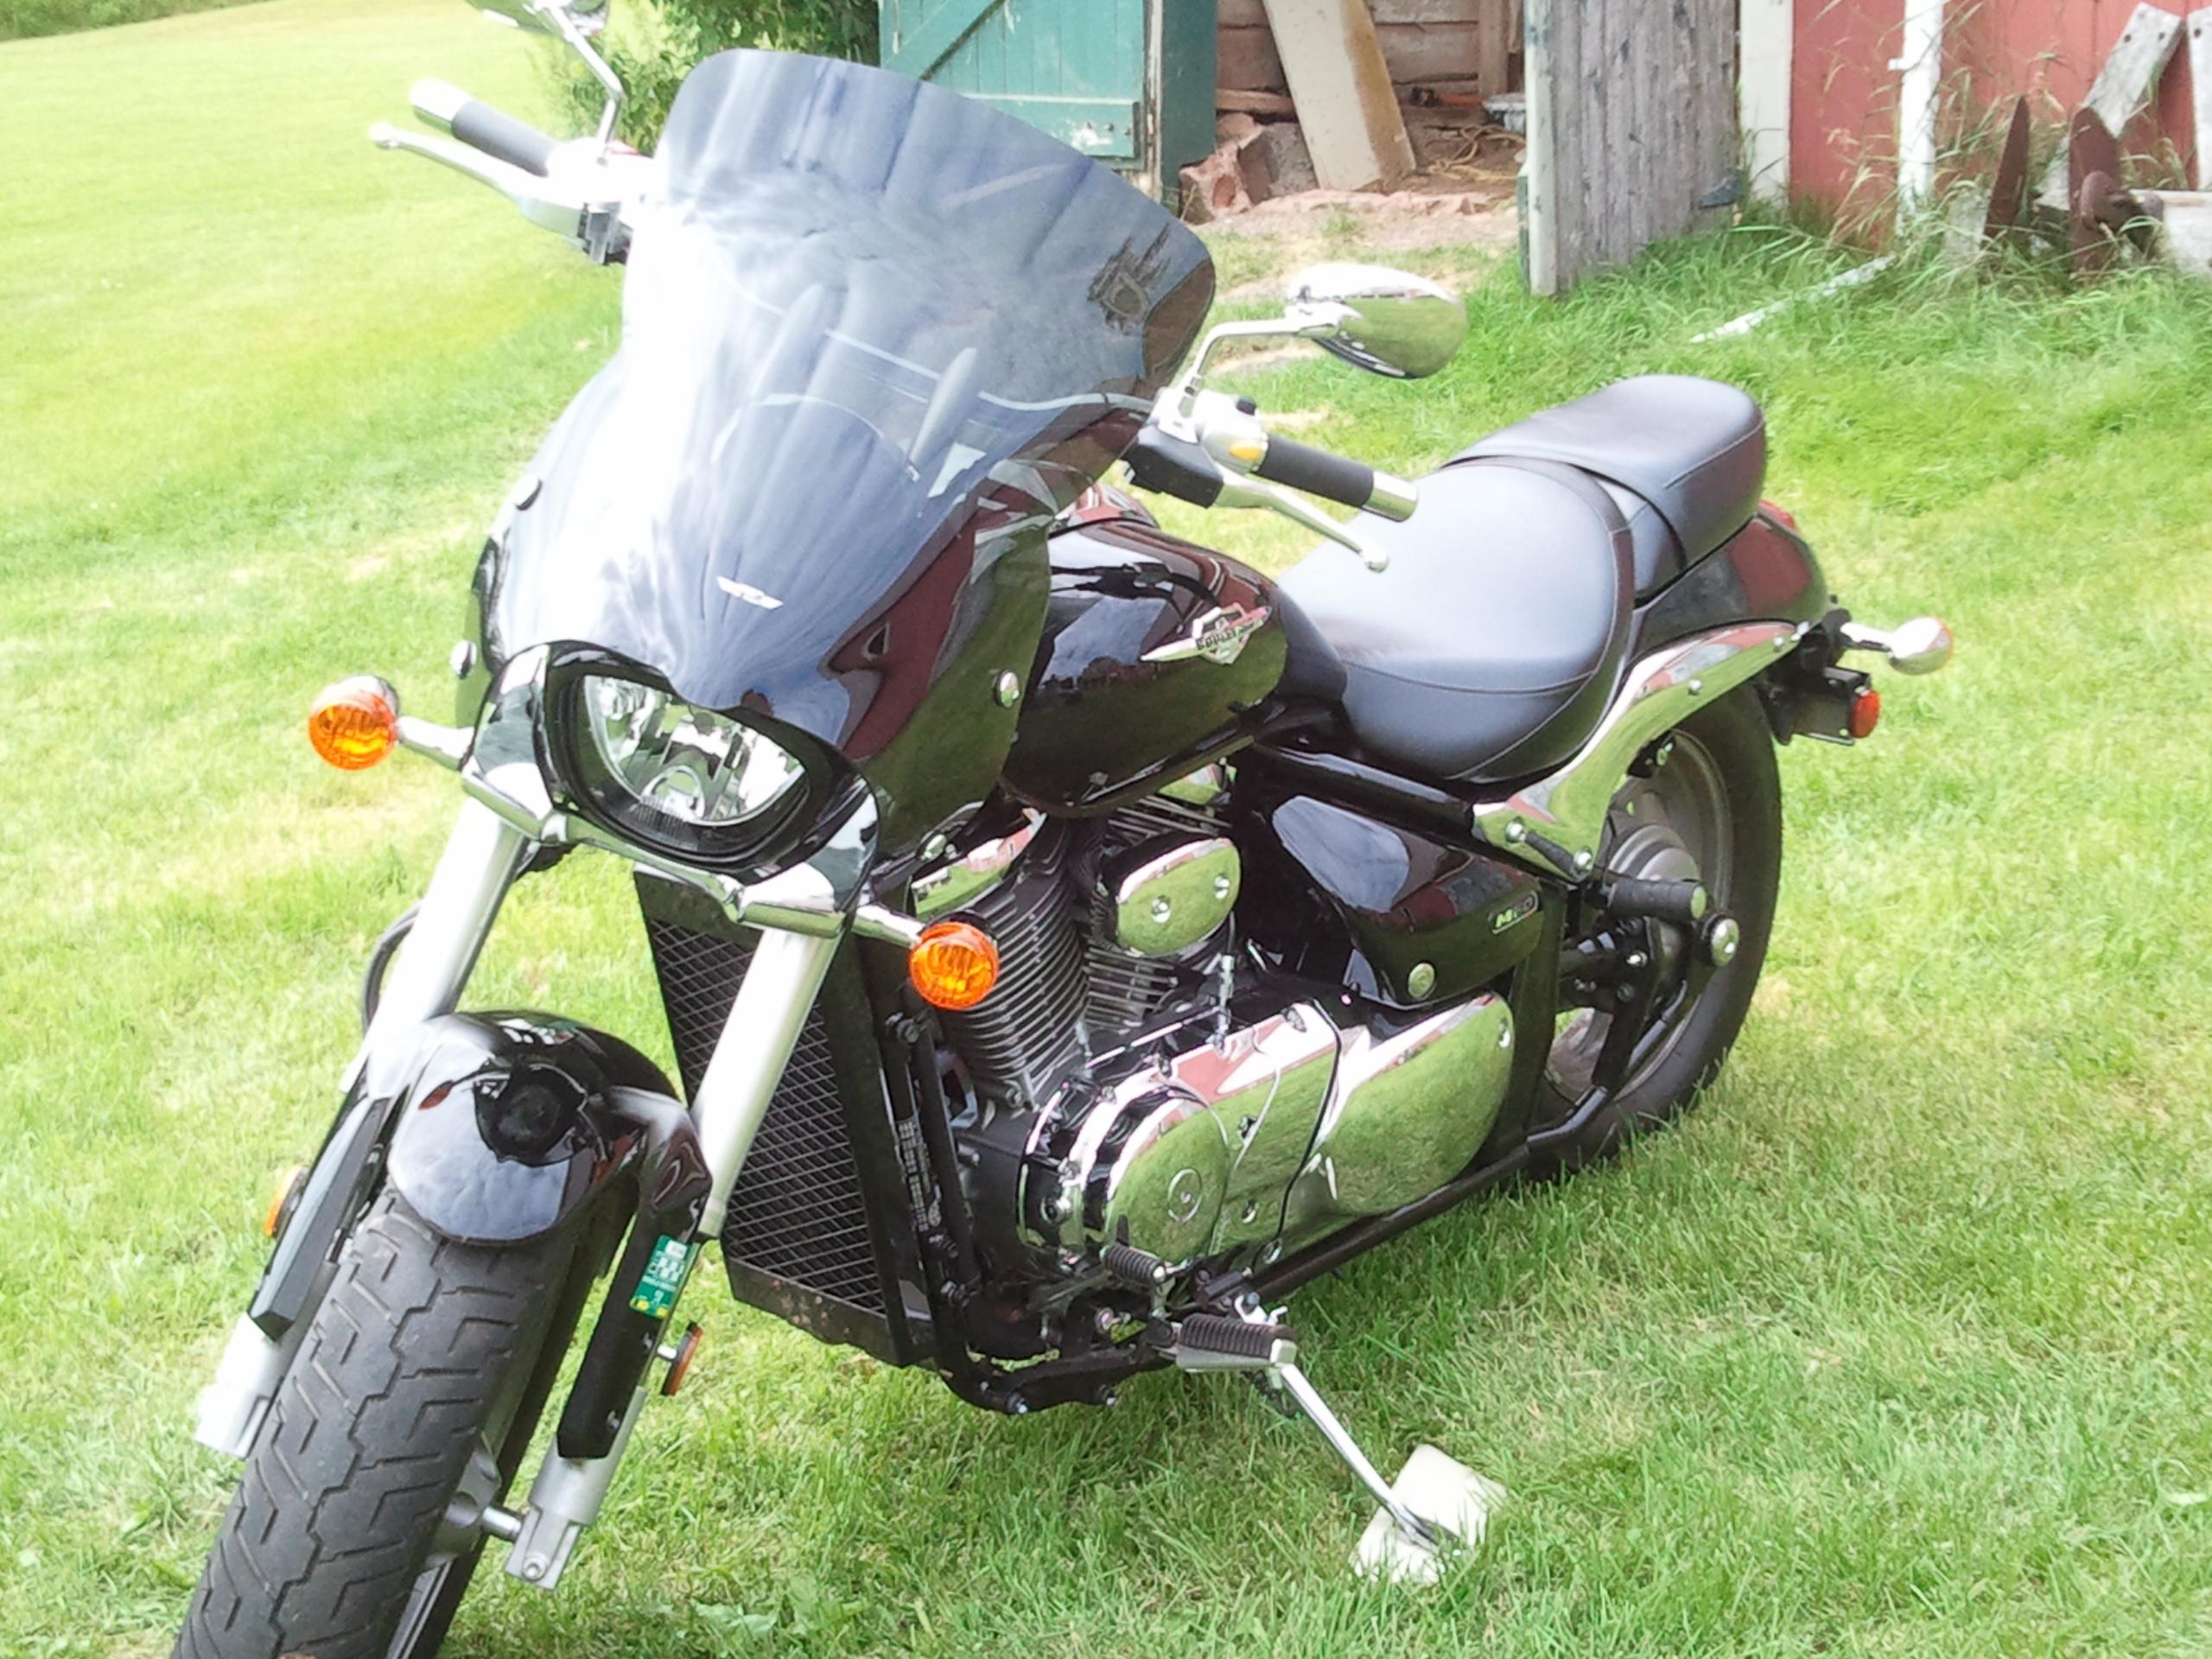 2010 M50 windshields-2011-08-06-14.53.39.jpg